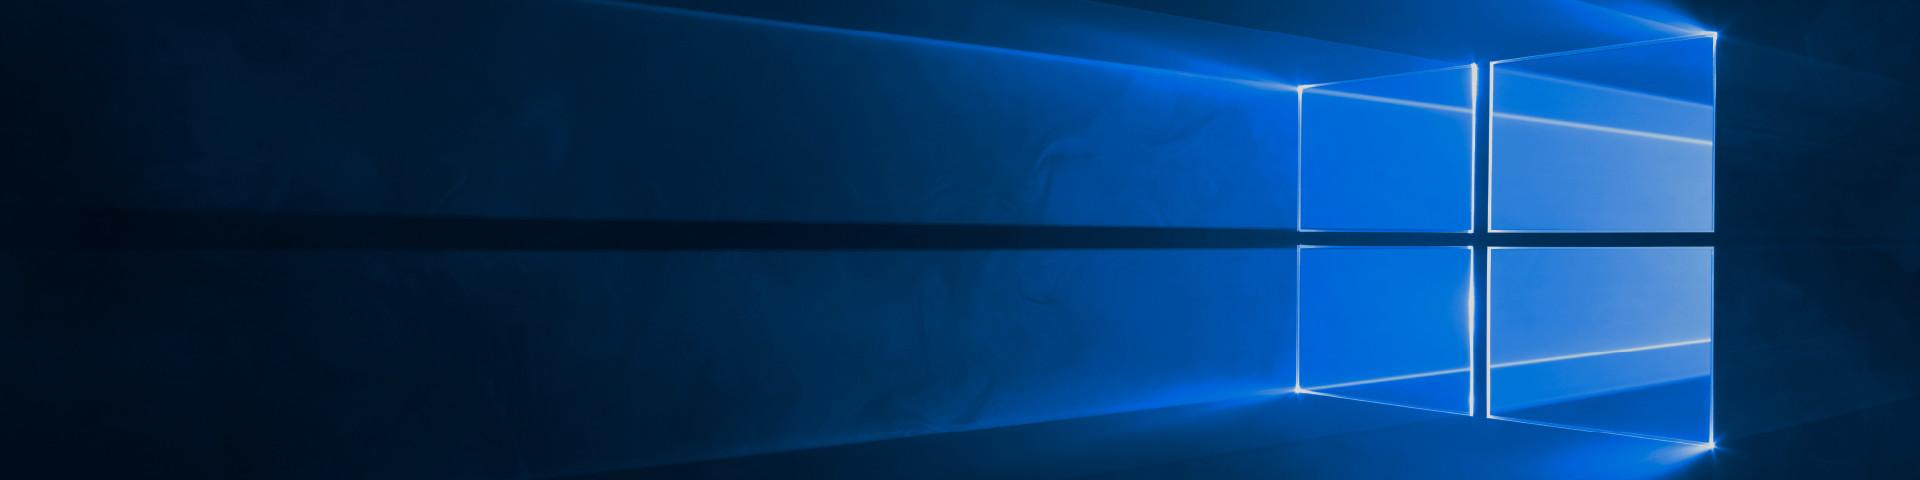 Windows 10 ya está aquí y puedes descargarlo de forma gratuita.*